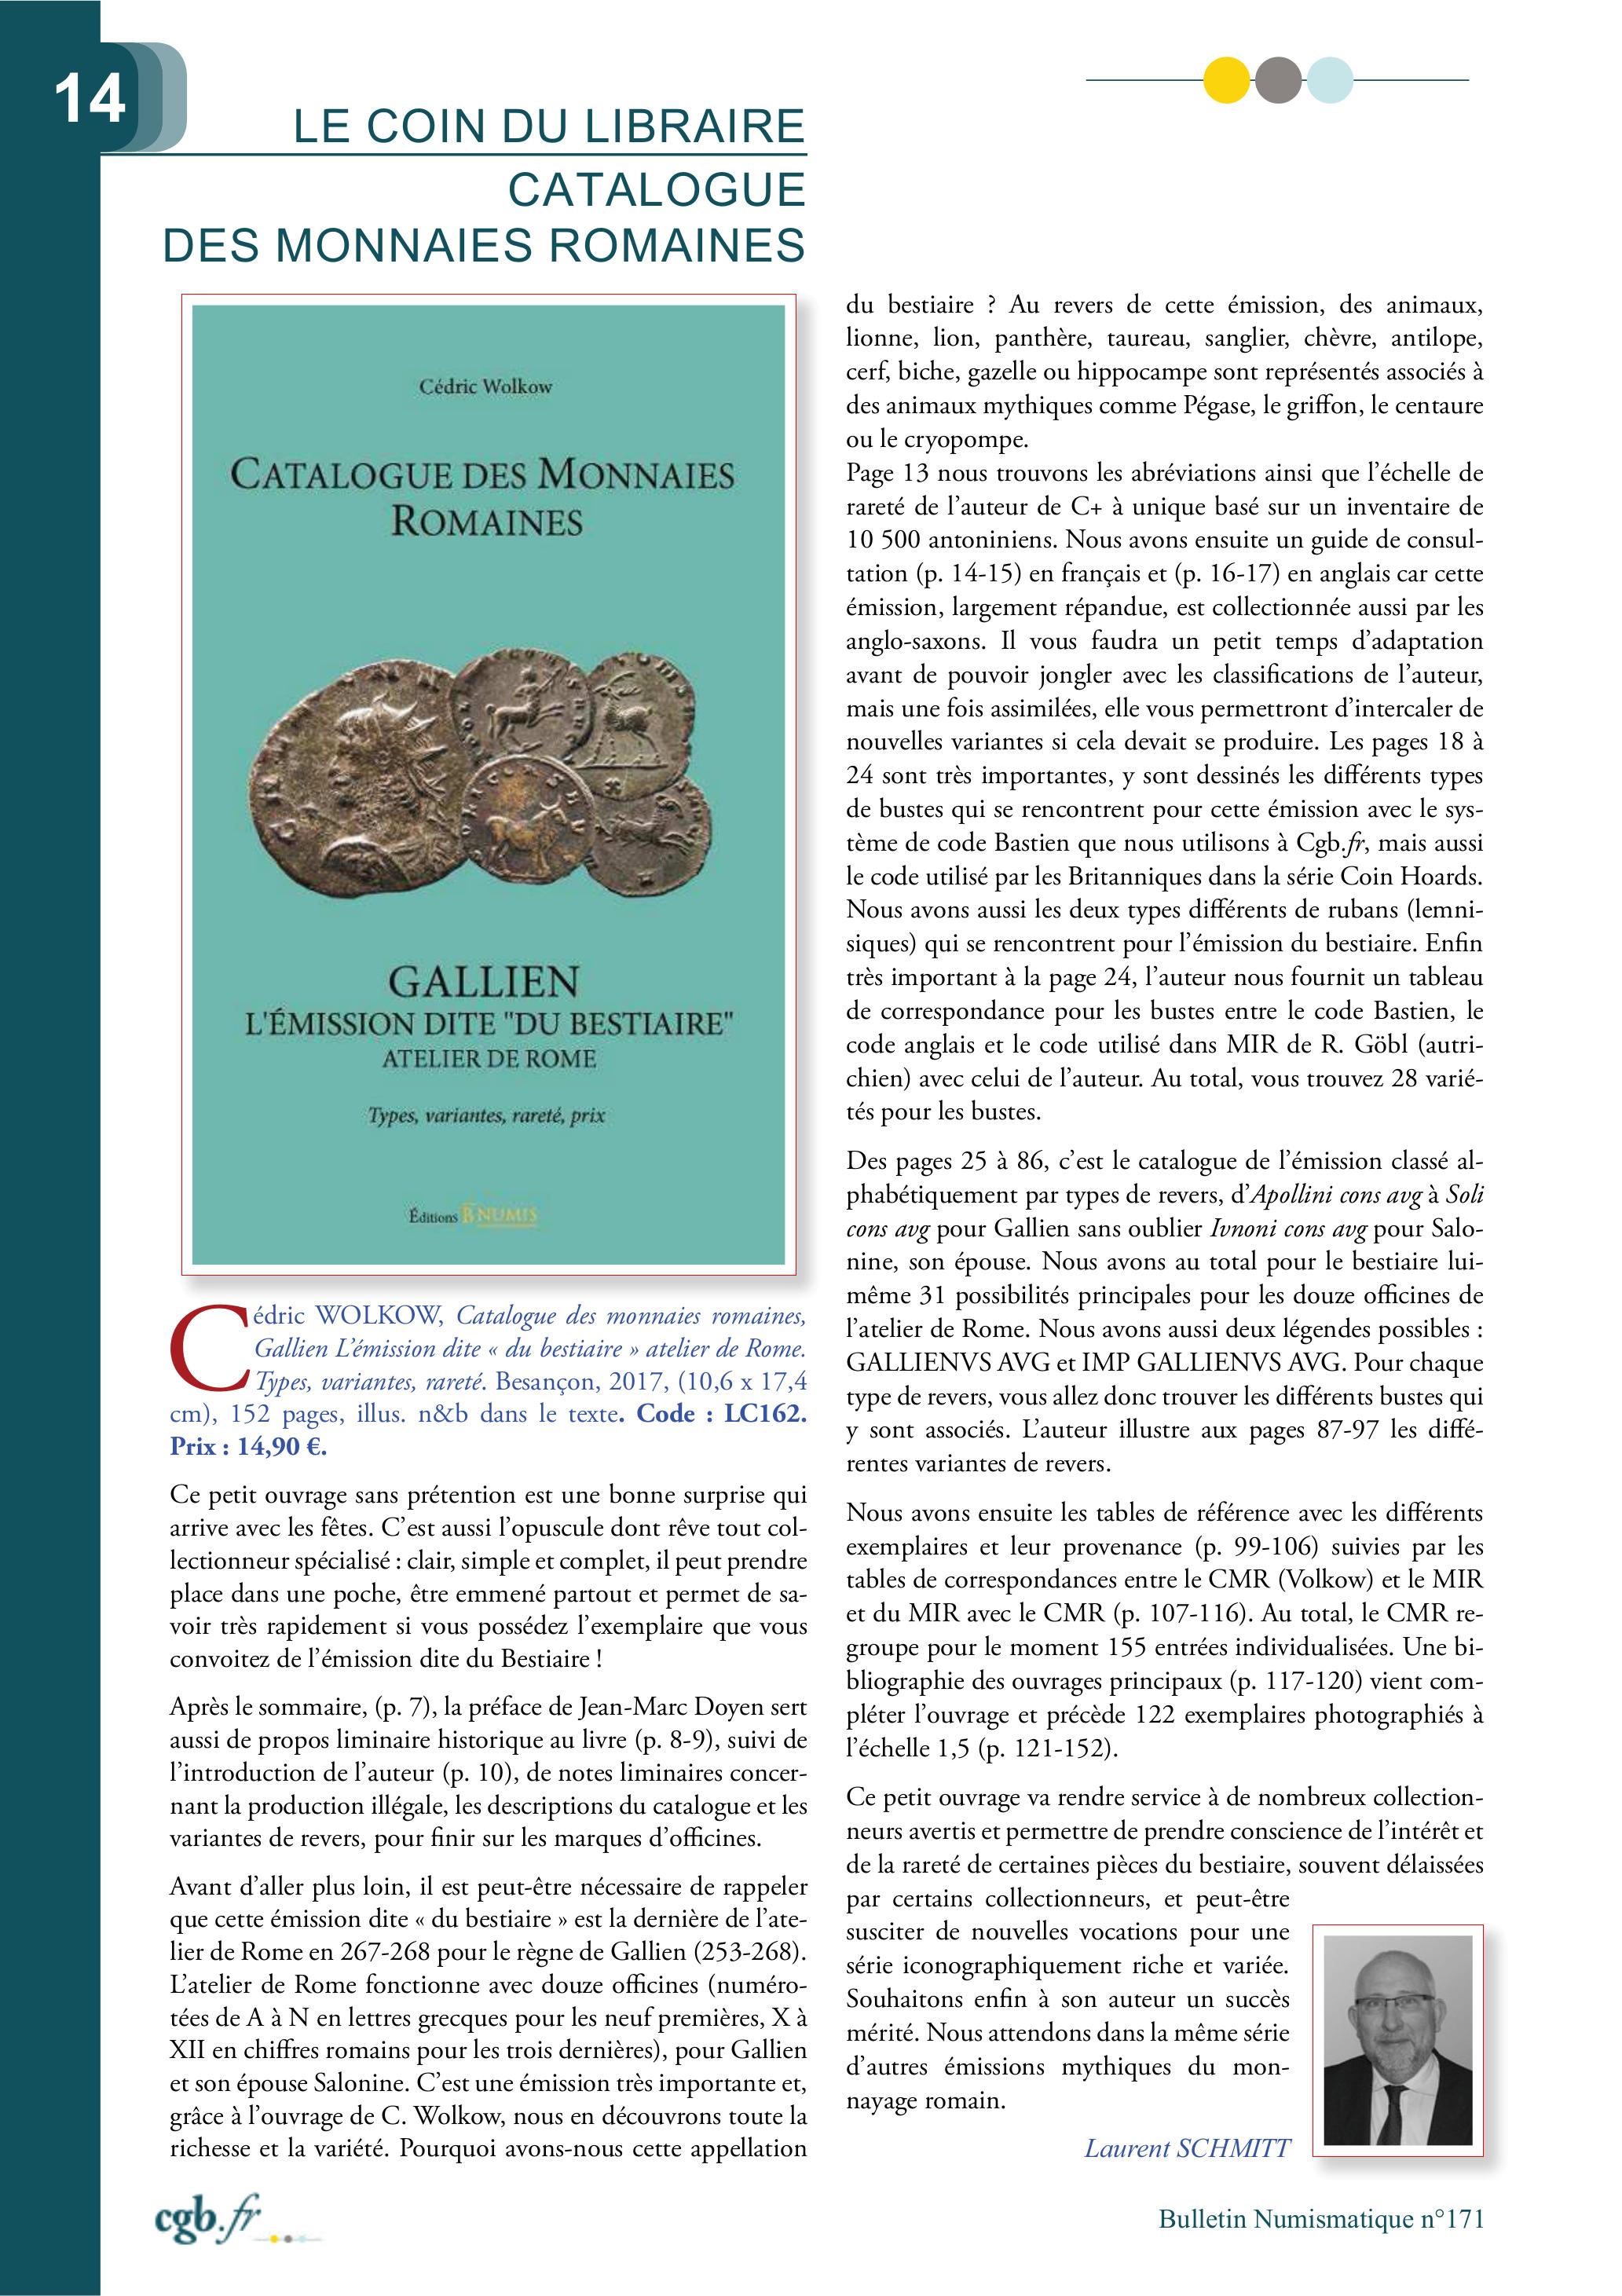 """LA REVIEW Laurent SCHMITT (C.G.B.) SUR LE CATALOGUE DES MONNAIES ROMAINES - GALLIEN - L'ÉMISSION DITE """"DU BESTIAIRE"""", par cédric Wolkow"""